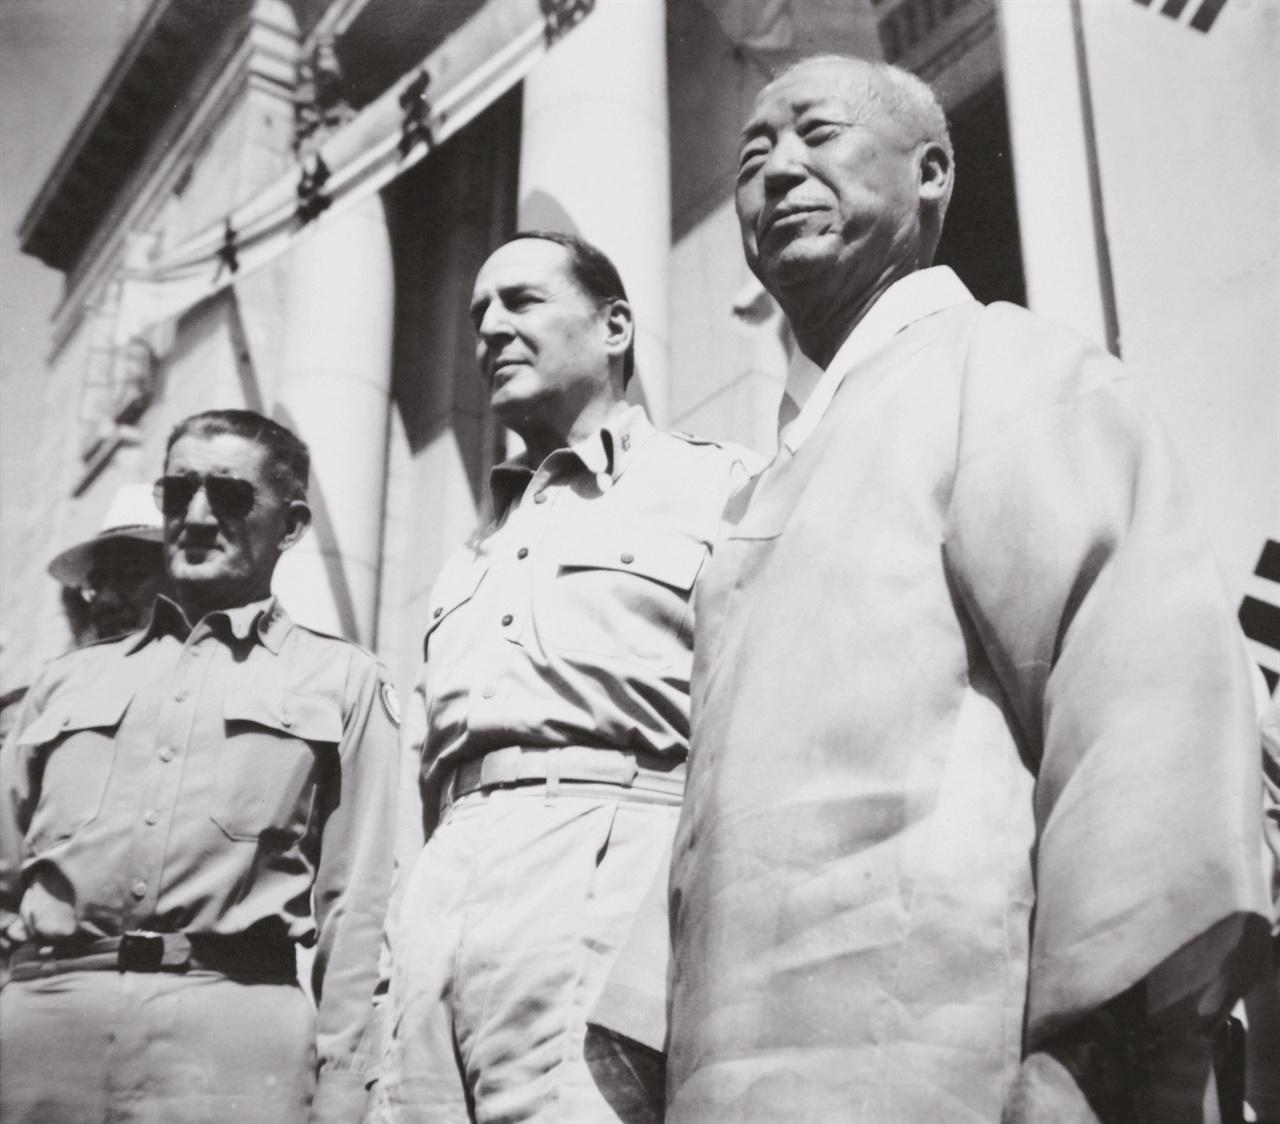 대한민국정부수립경축식에 참석한 이승만과 하지(왼쪽), 맥아더(가운데).